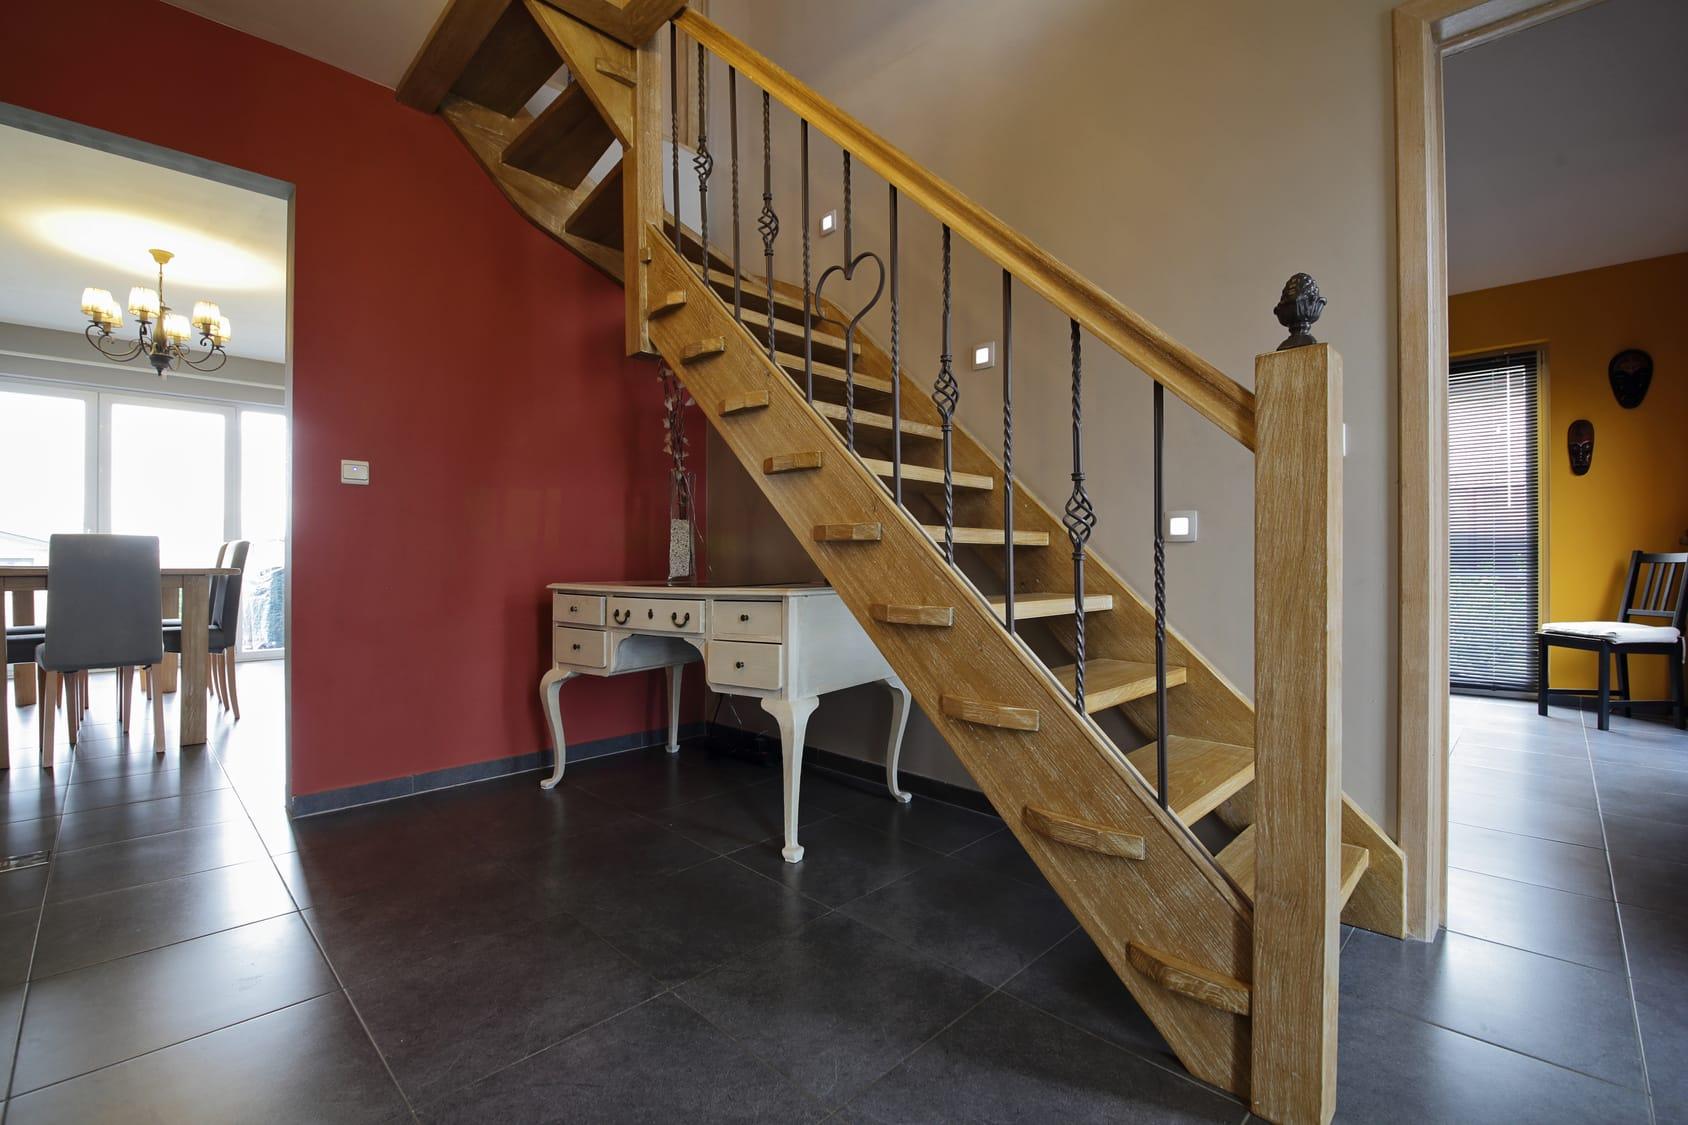 Prix pour une tr mie d escalier - Escalier electrique interieur ...